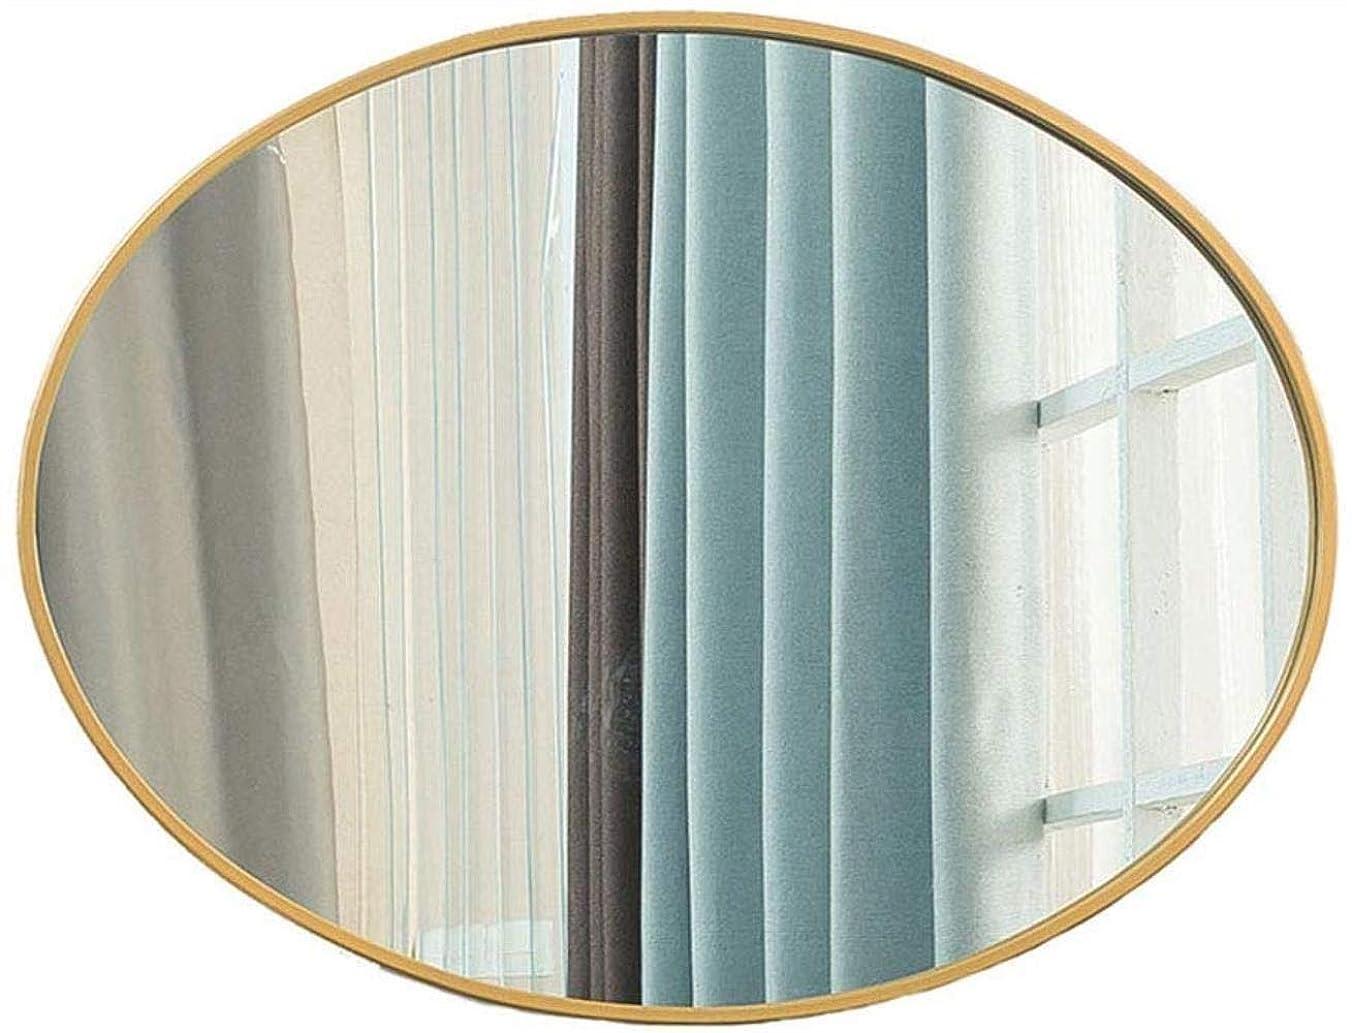 メトロポリタン拒否ホテルZYL-YL 表装飾ミラー品質メタルフレームをドレッシング-Mirrorsバスルームの装飾家具オーバル浴室ミラーメイクシェービングウォールミラー品質のホームは、ウォールミラー70x40cmをマウント